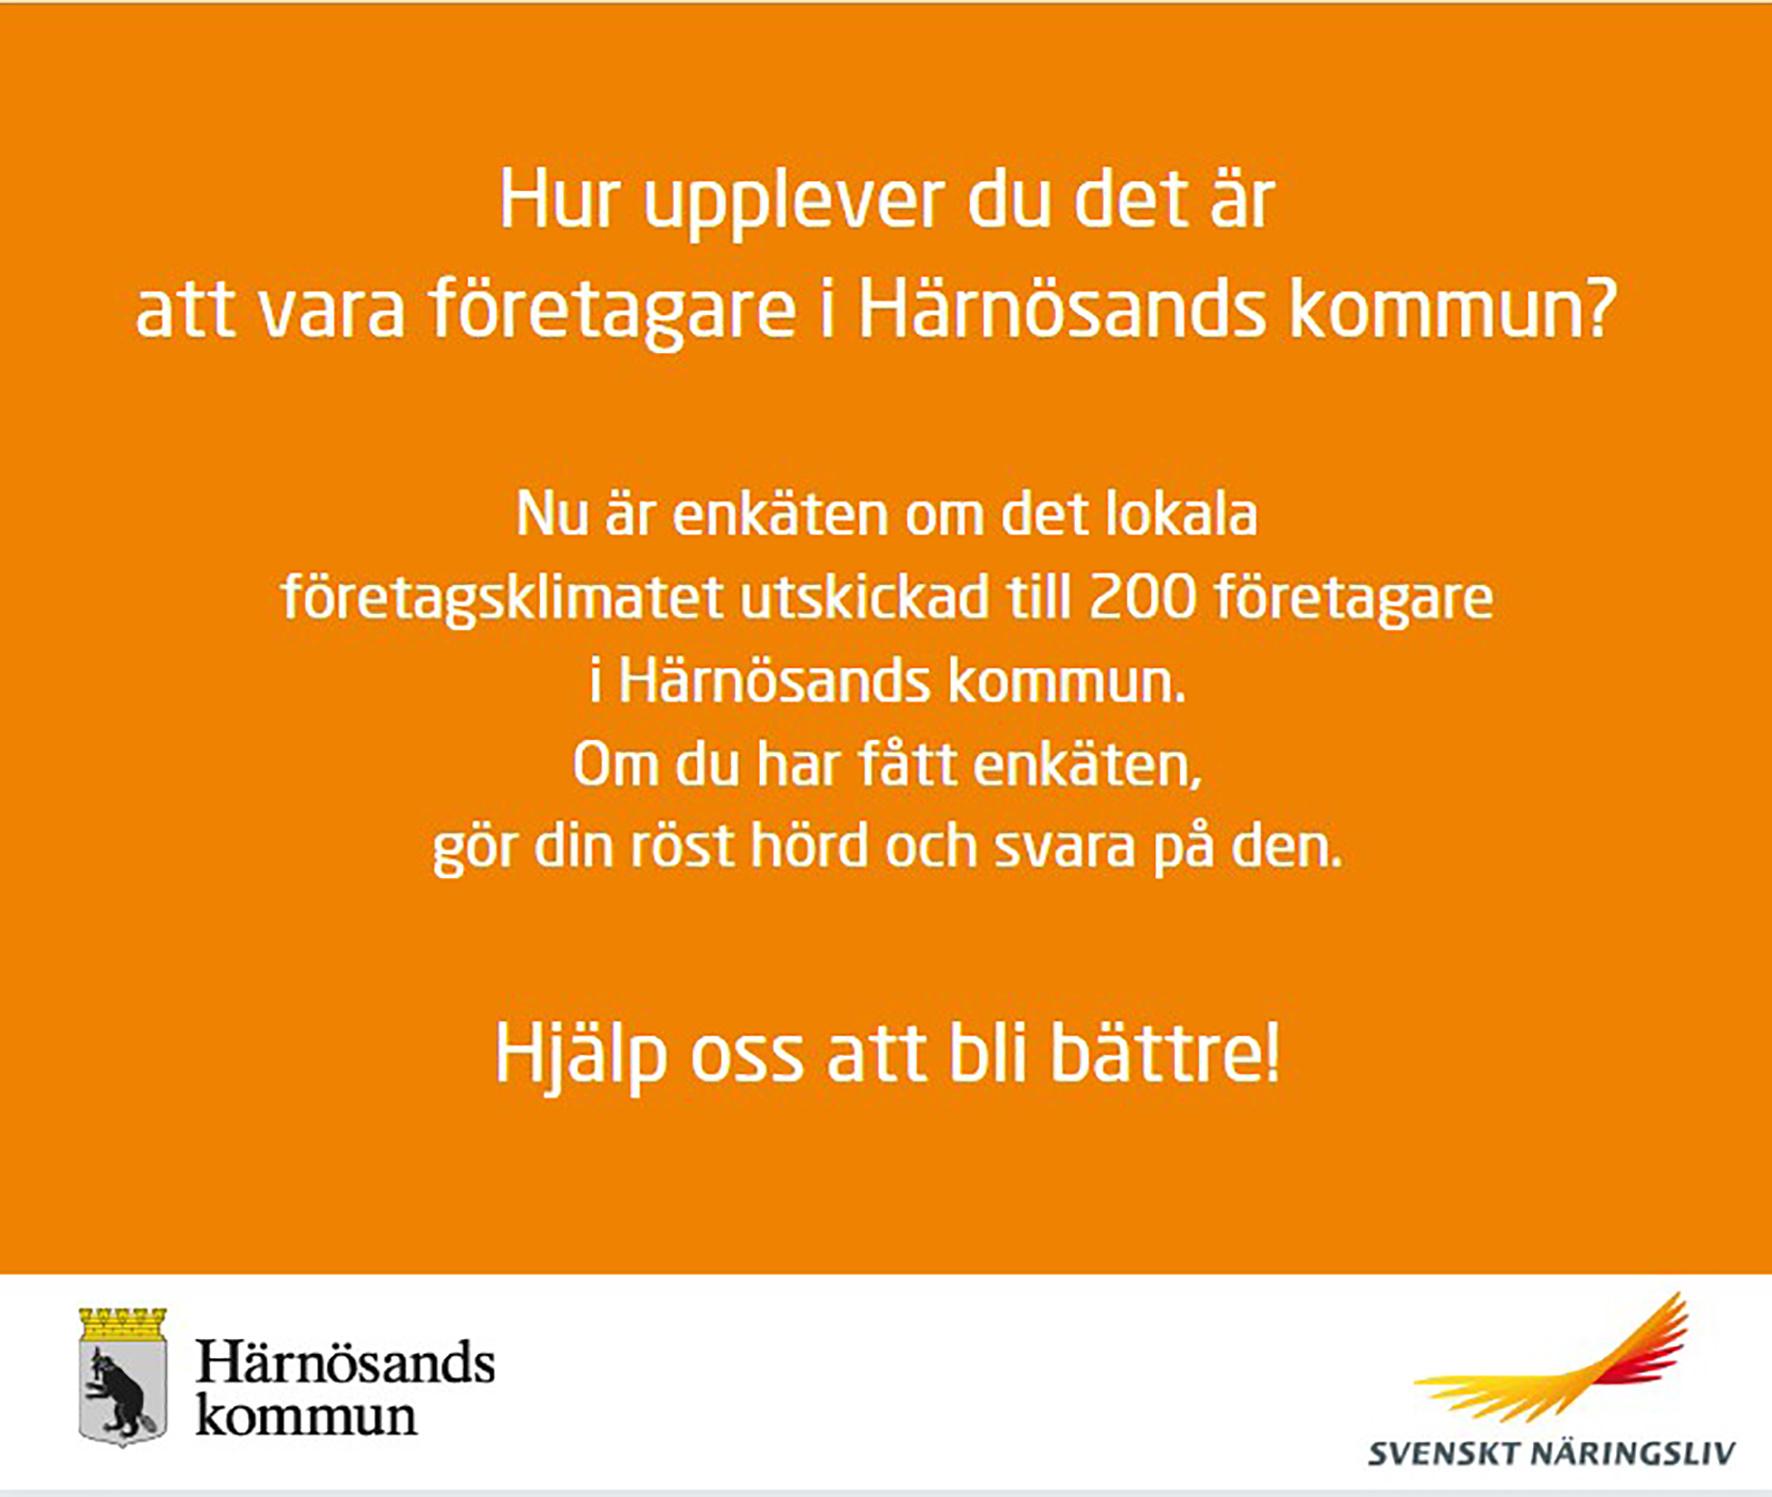 695 Svenskt n%c3%a4ringsliv enk%c3%a4t